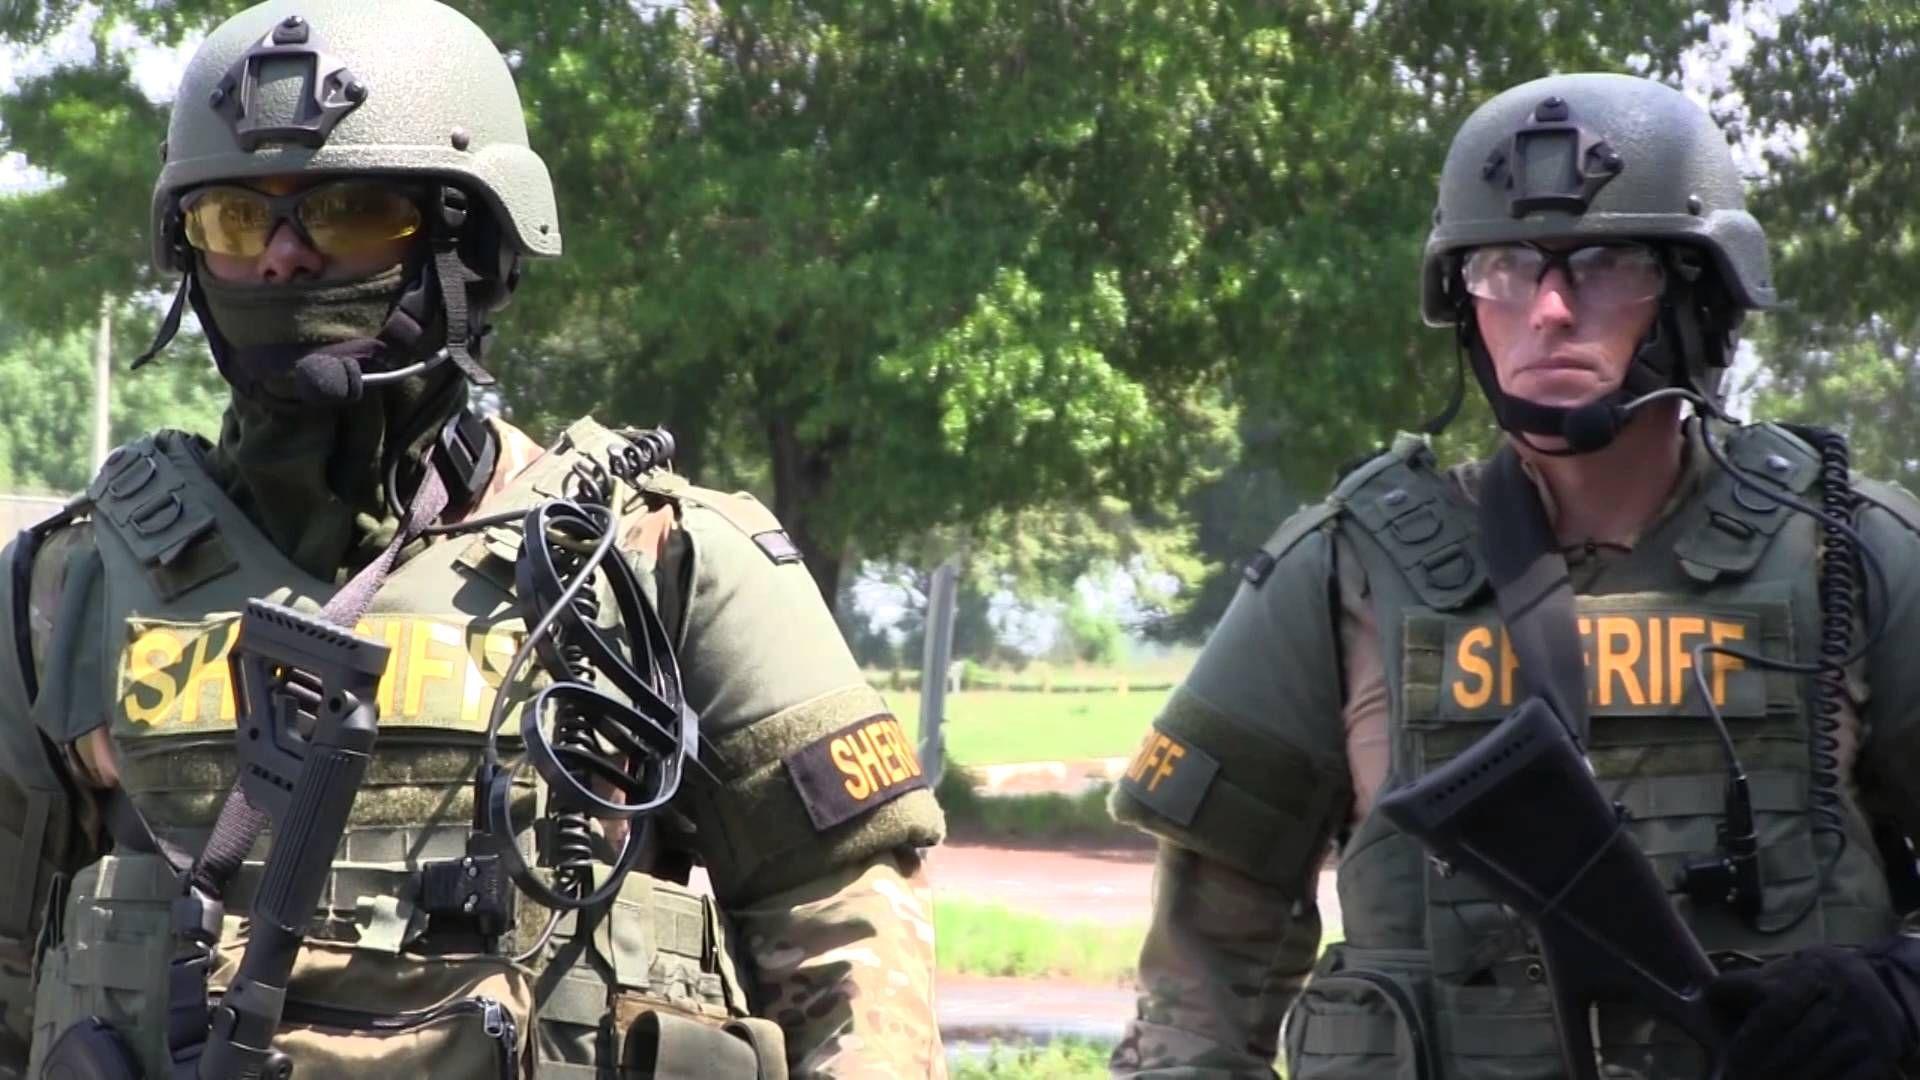 Hcso swat swat law enforcement sheriff